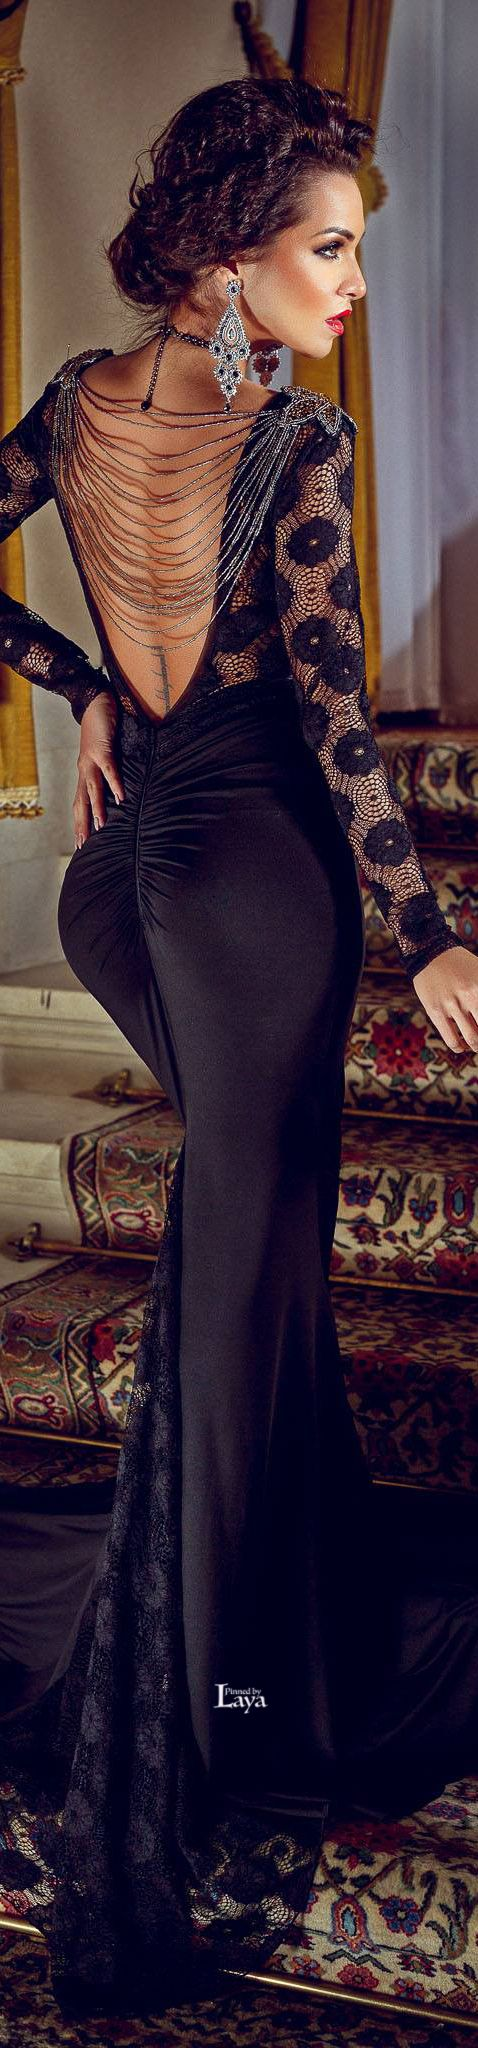 Sophisticated Lady - | ~LadyLuxuryDesigns